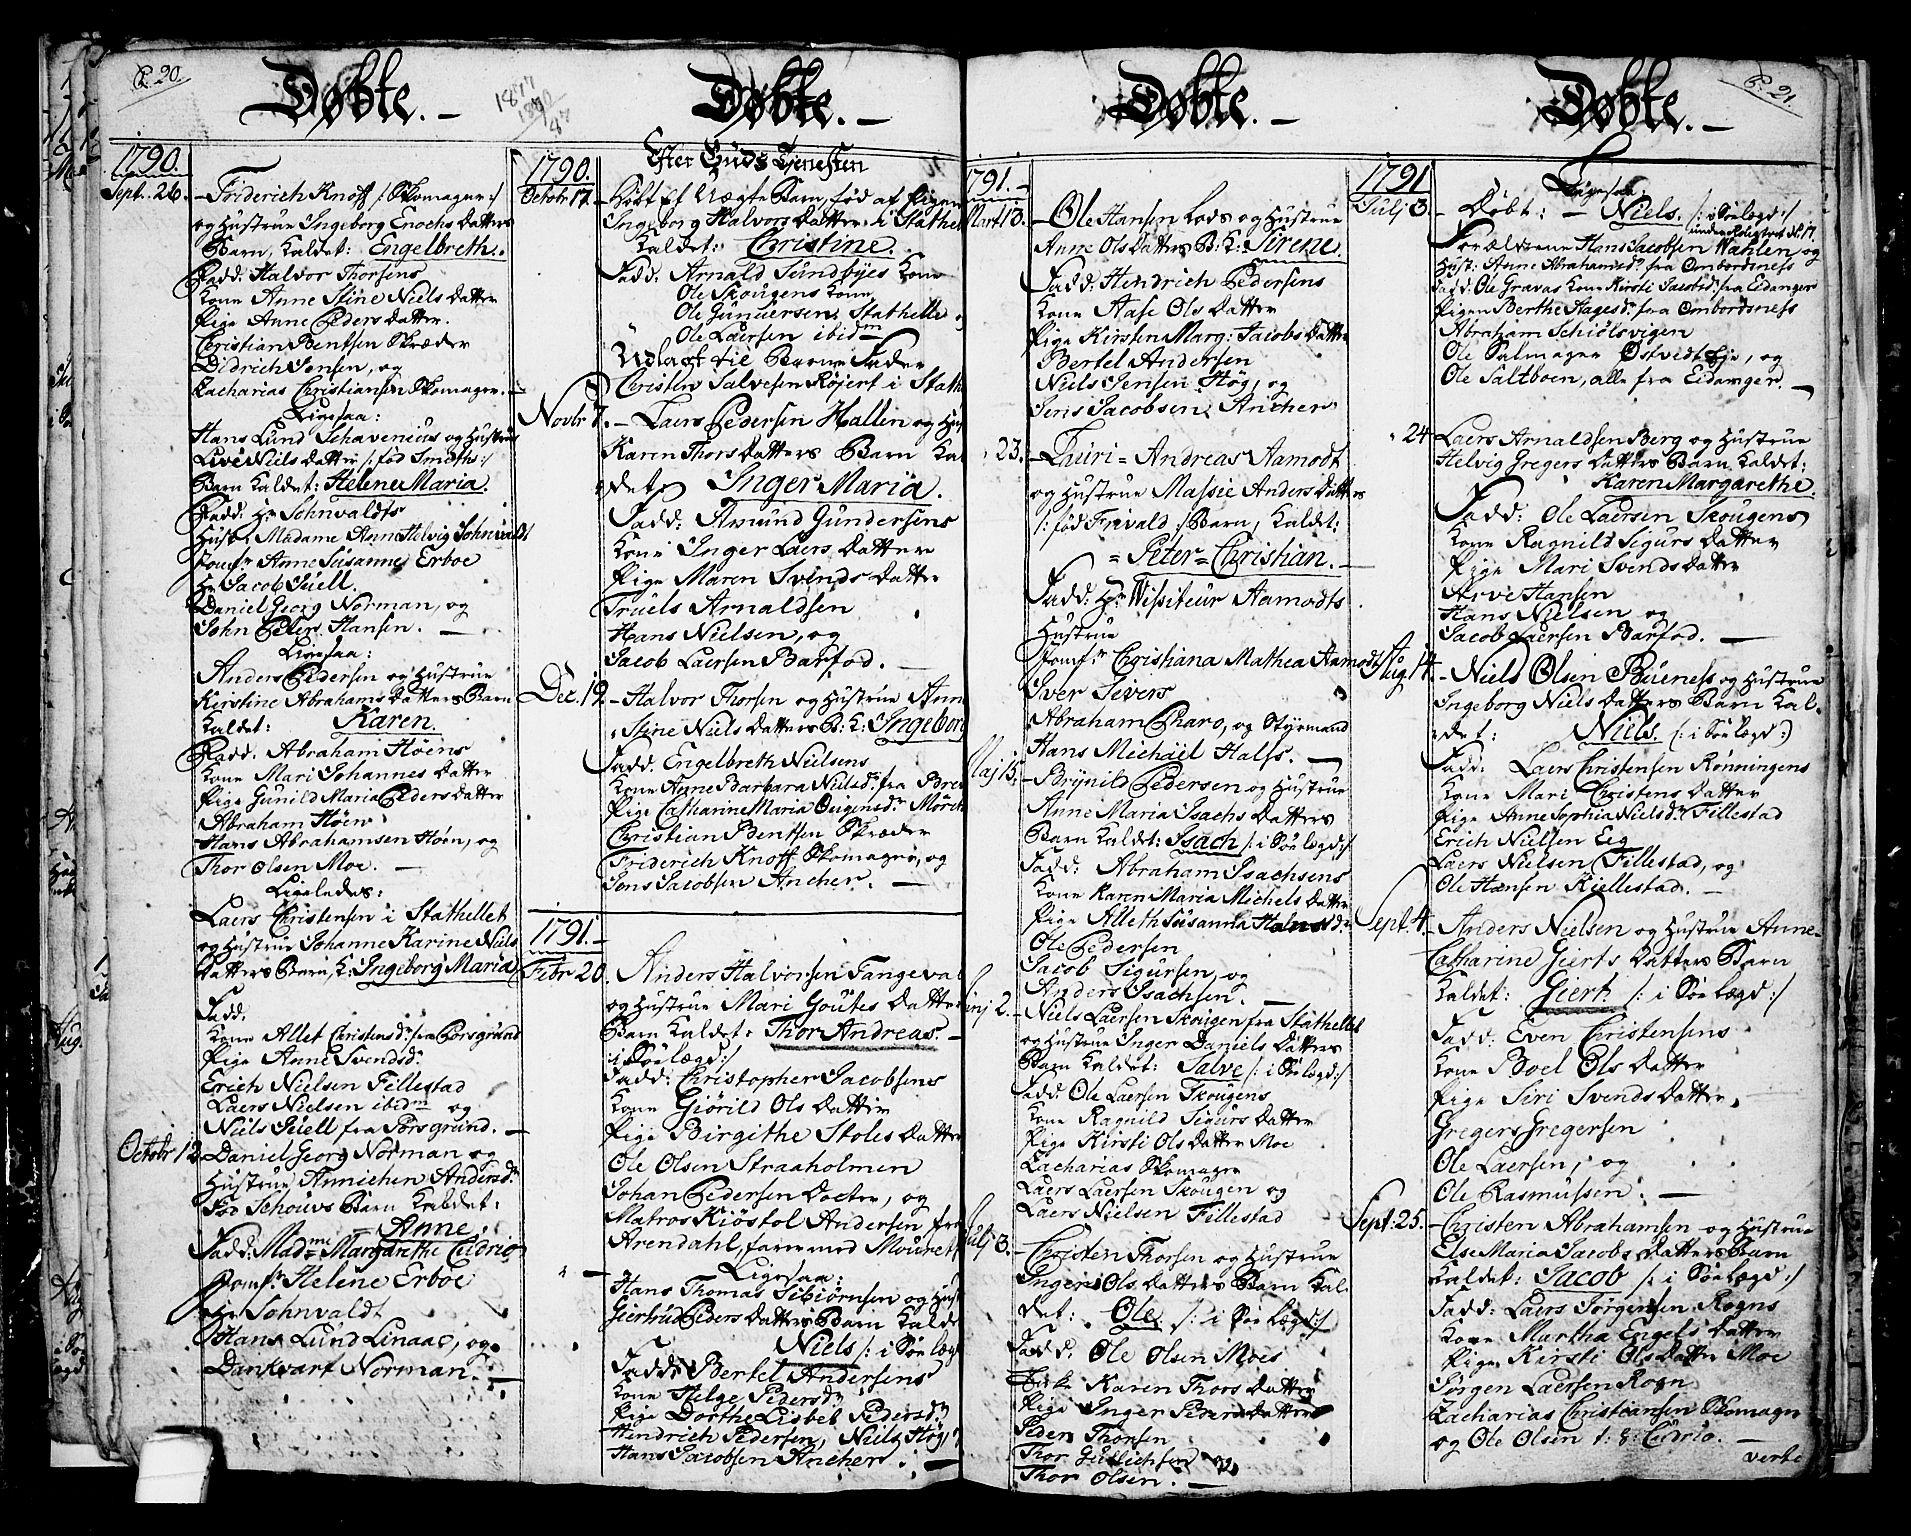 SAKO, Langesund kirkebøker, G/Ga/L0001: Klokkerbok nr. 1, 1783-1801, s. 20-21